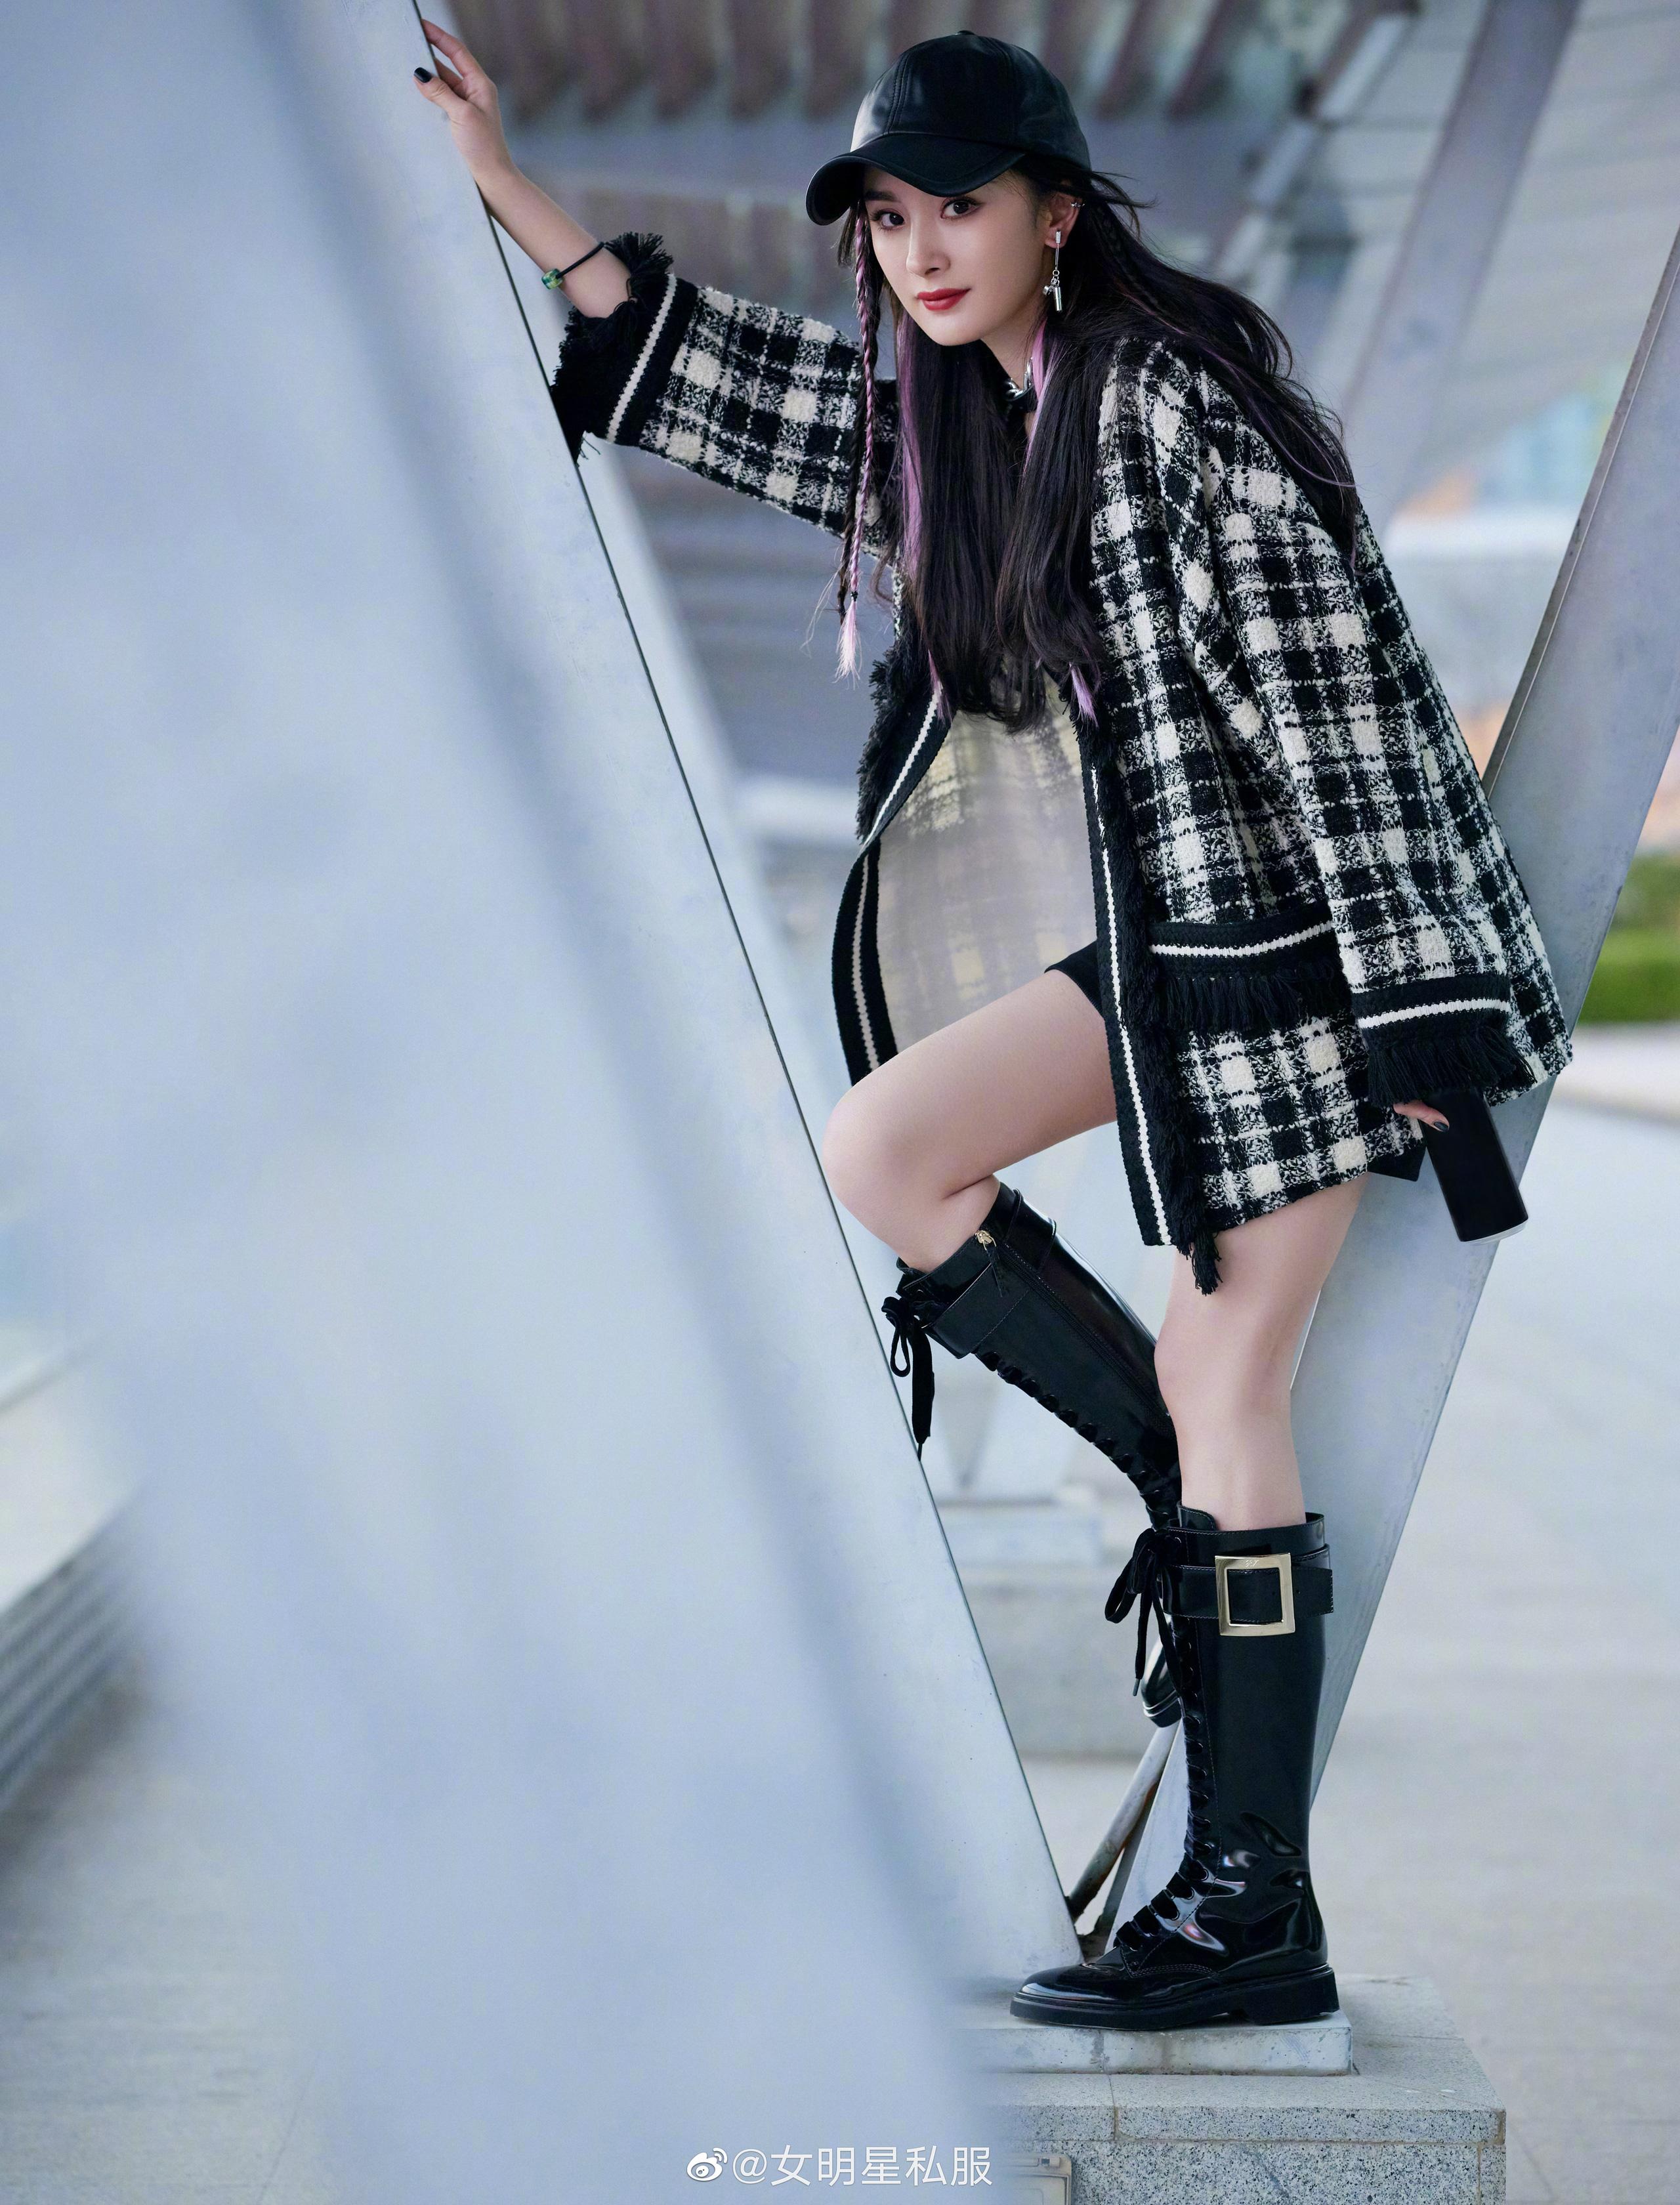 Nhờ cao tay chỉnh váy mà Dương Mịch khoe được đôi chân cực phẩm, hack tuổi trẻ trung đến gái 20 cũng ghen tị - Ảnh 3.